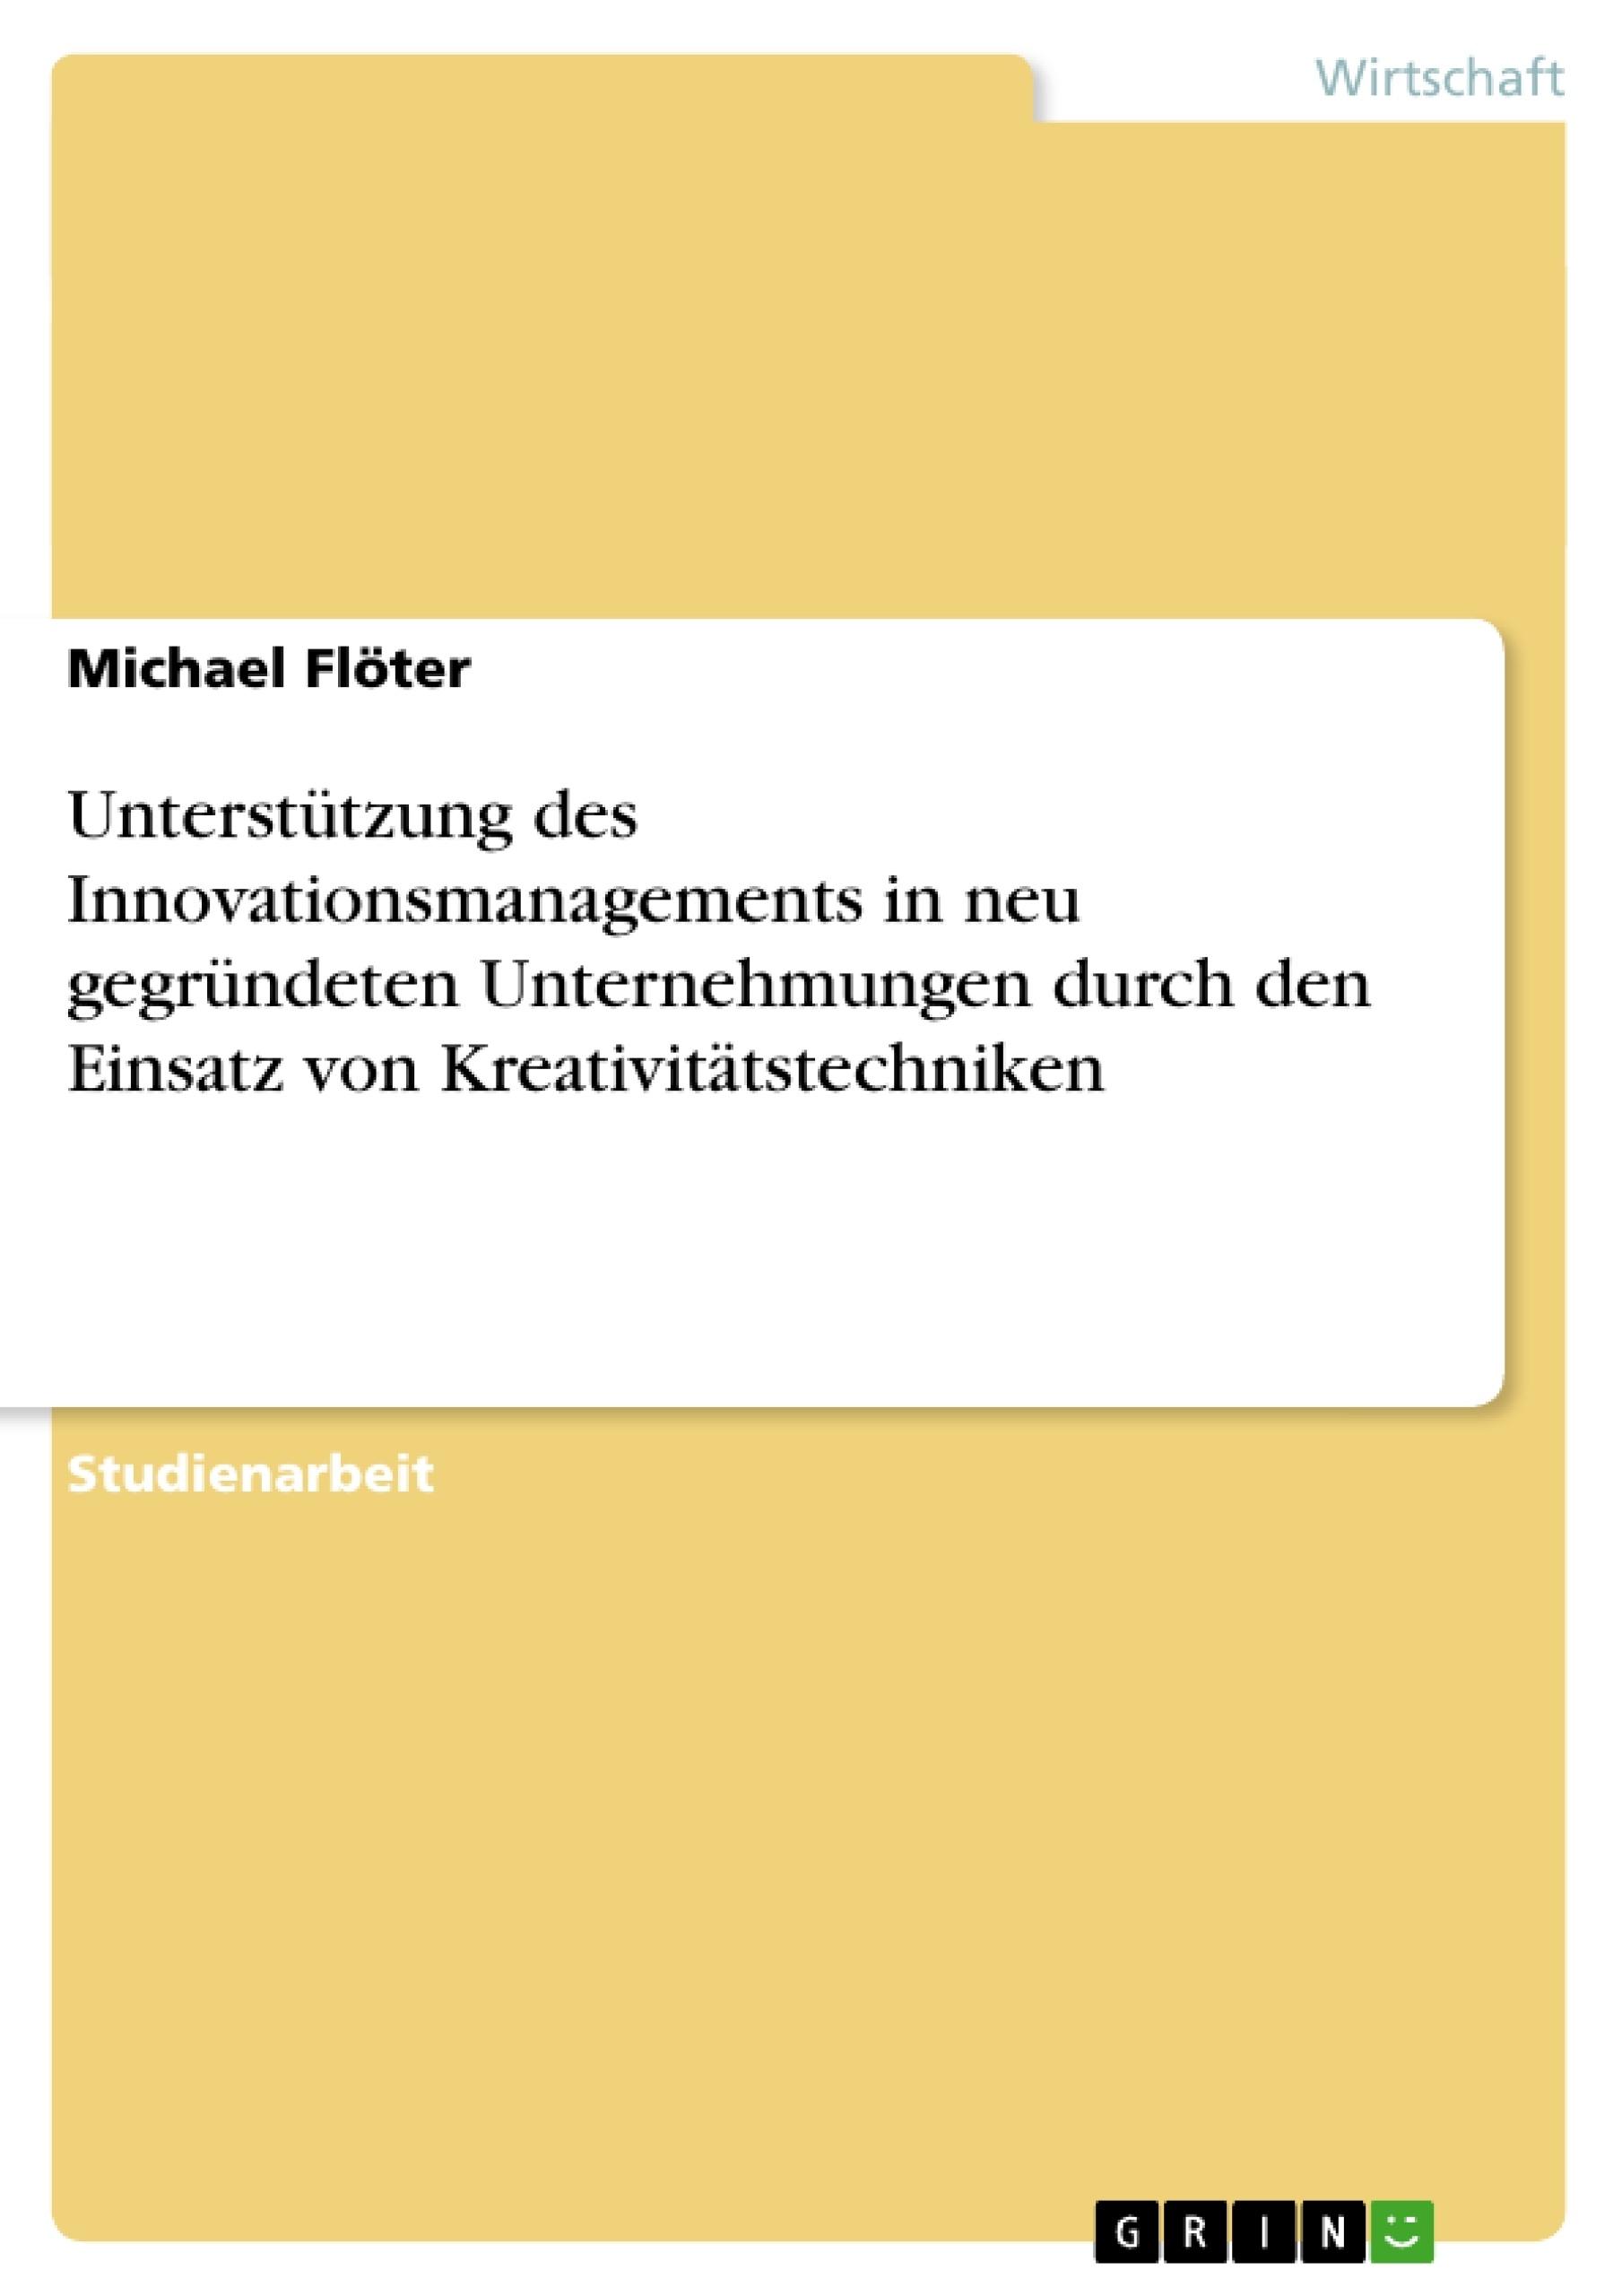 Titel: Unterstützung des Innovationsmanagements in neu gegründeten Unternehmungen durch den  Einsatz von Kreativitätstechniken